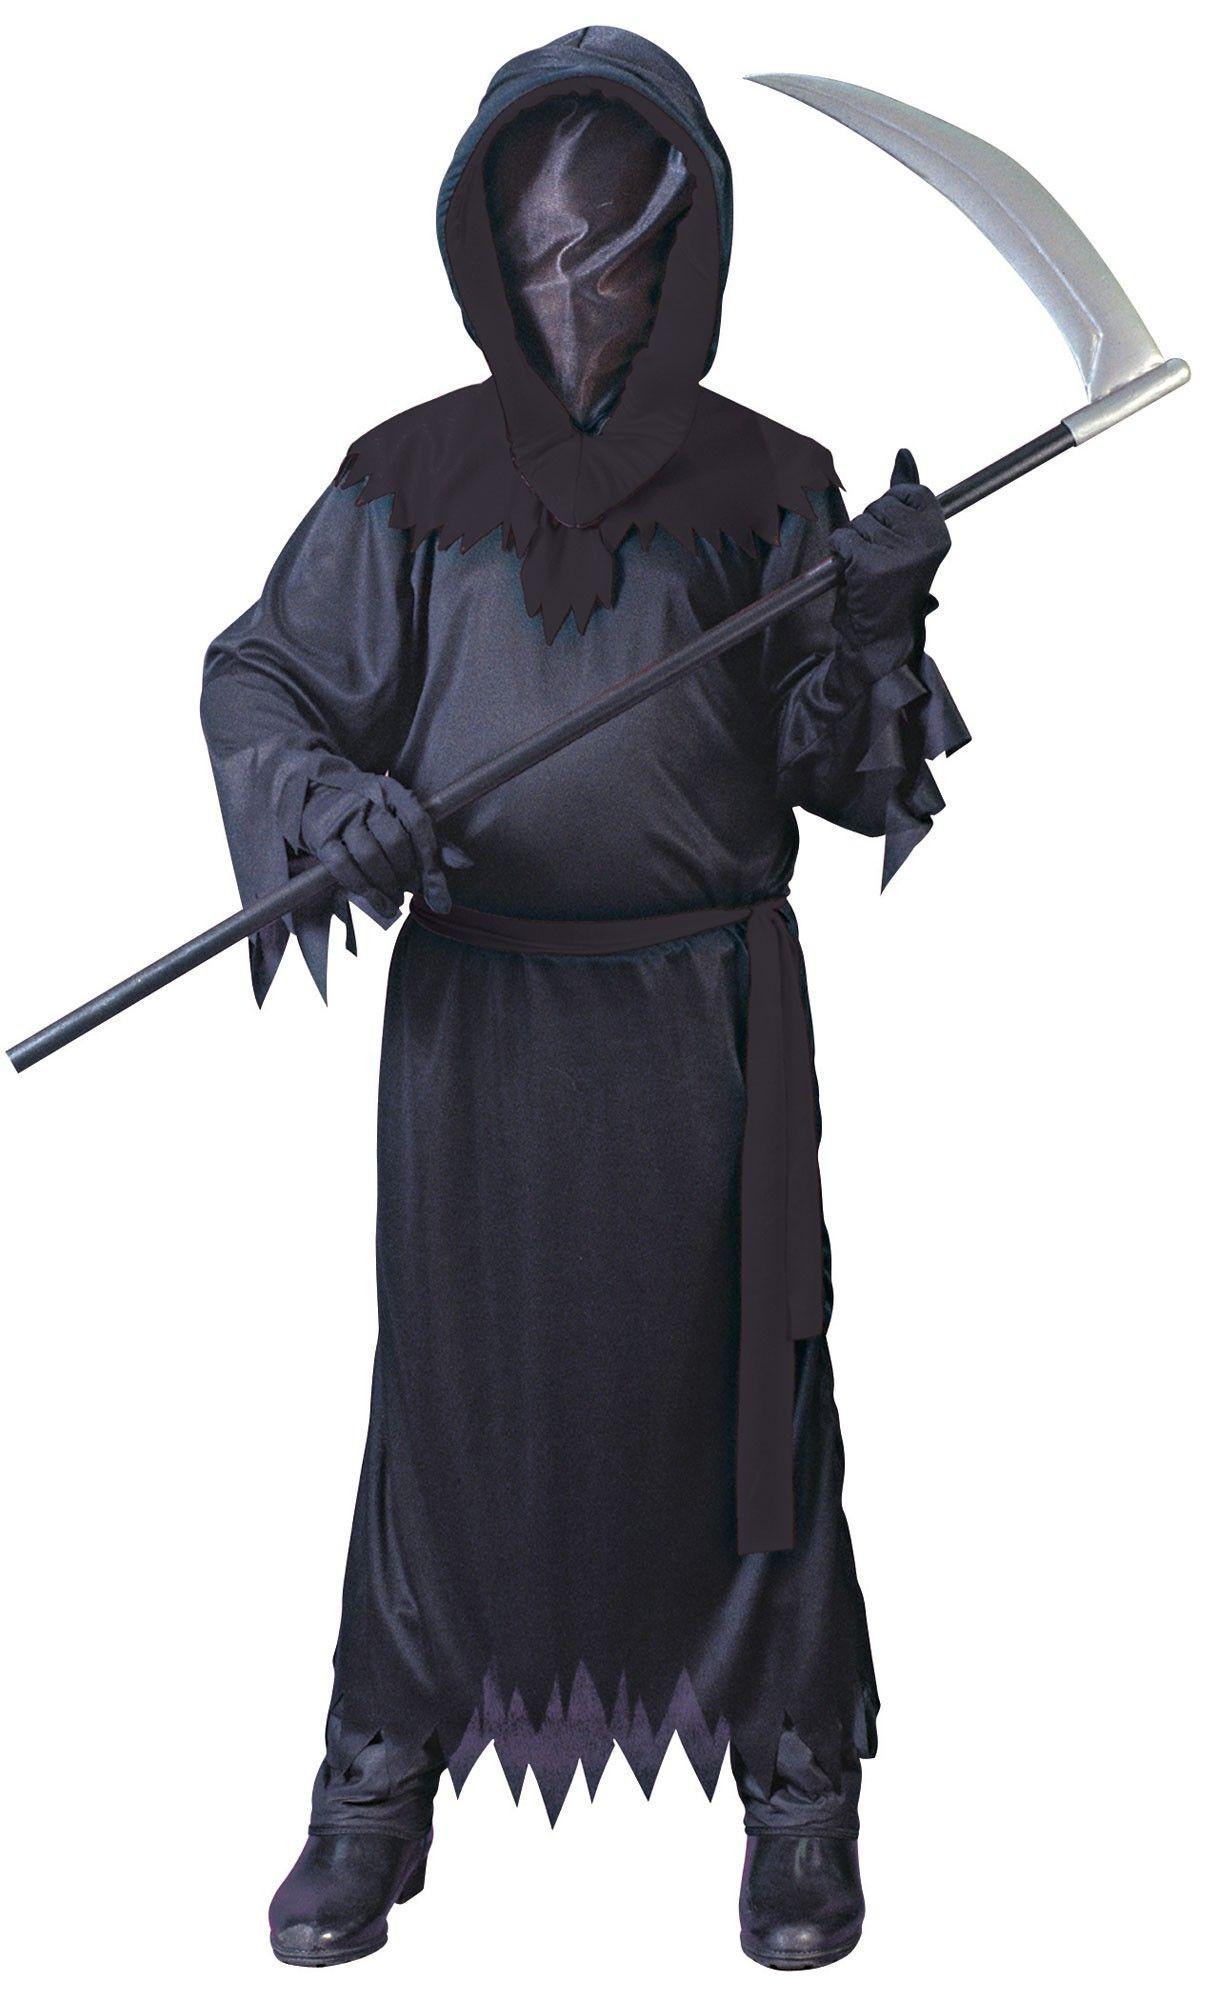 Детский черный костюм Фантома (44) - Нечистая сила, р.44